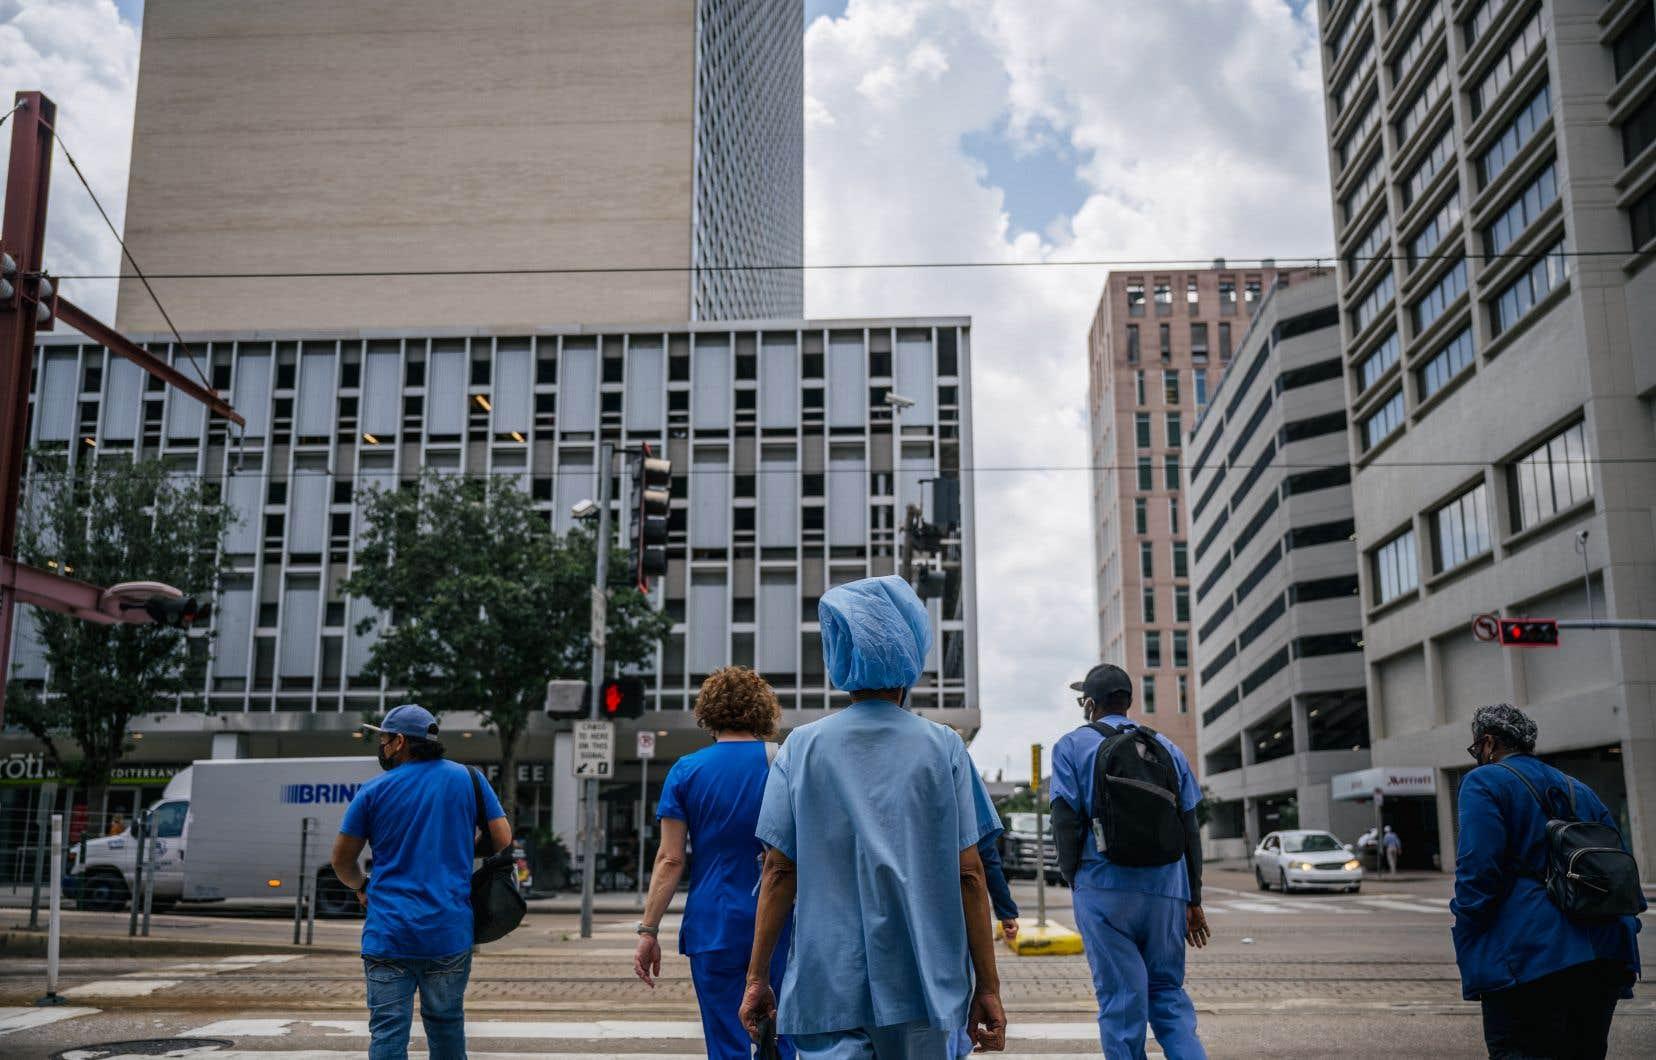 Plus de 100 employés de l'hôpital méthodiste de Houston avaient décidé de porter l'affaire en justice.